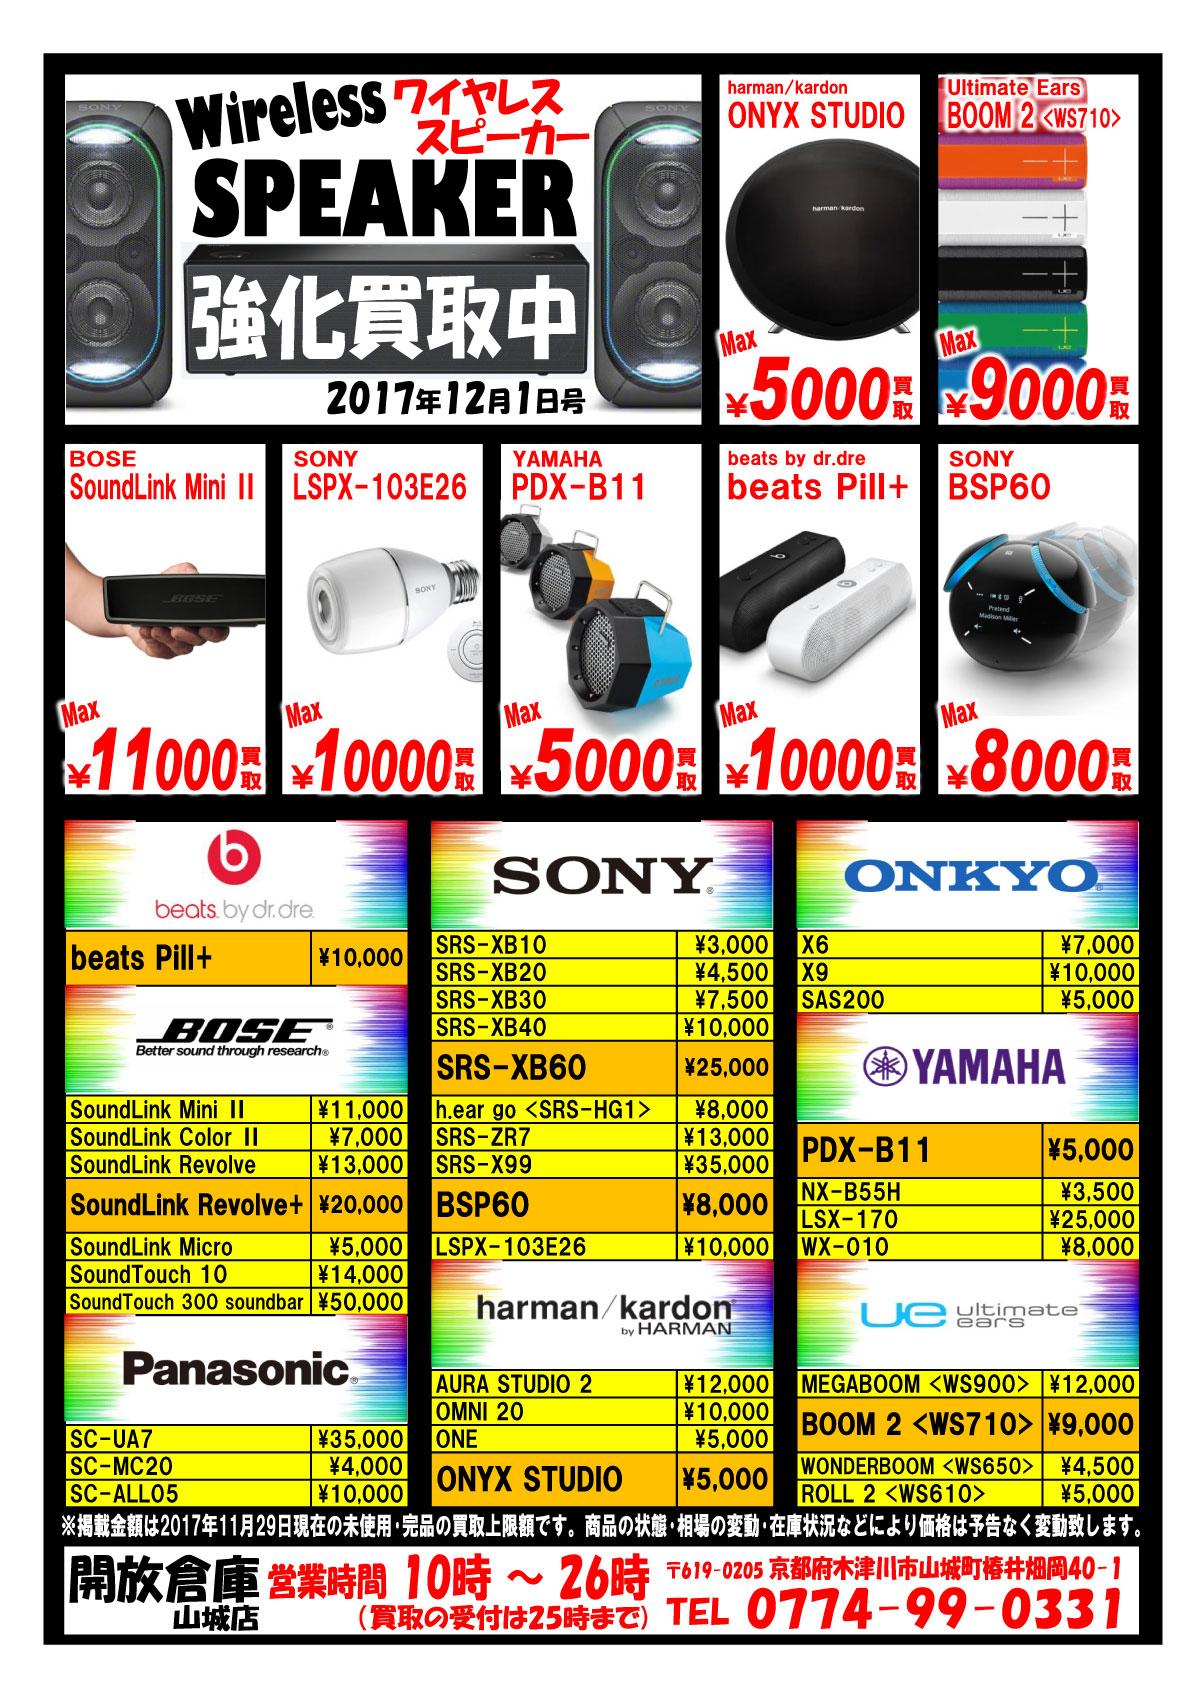 「開放倉庫山城店」家電コーナー<Wireless SPEAKER・ワイヤレススピーカー>強化買取中!12月1日号の買取表を更新しました!